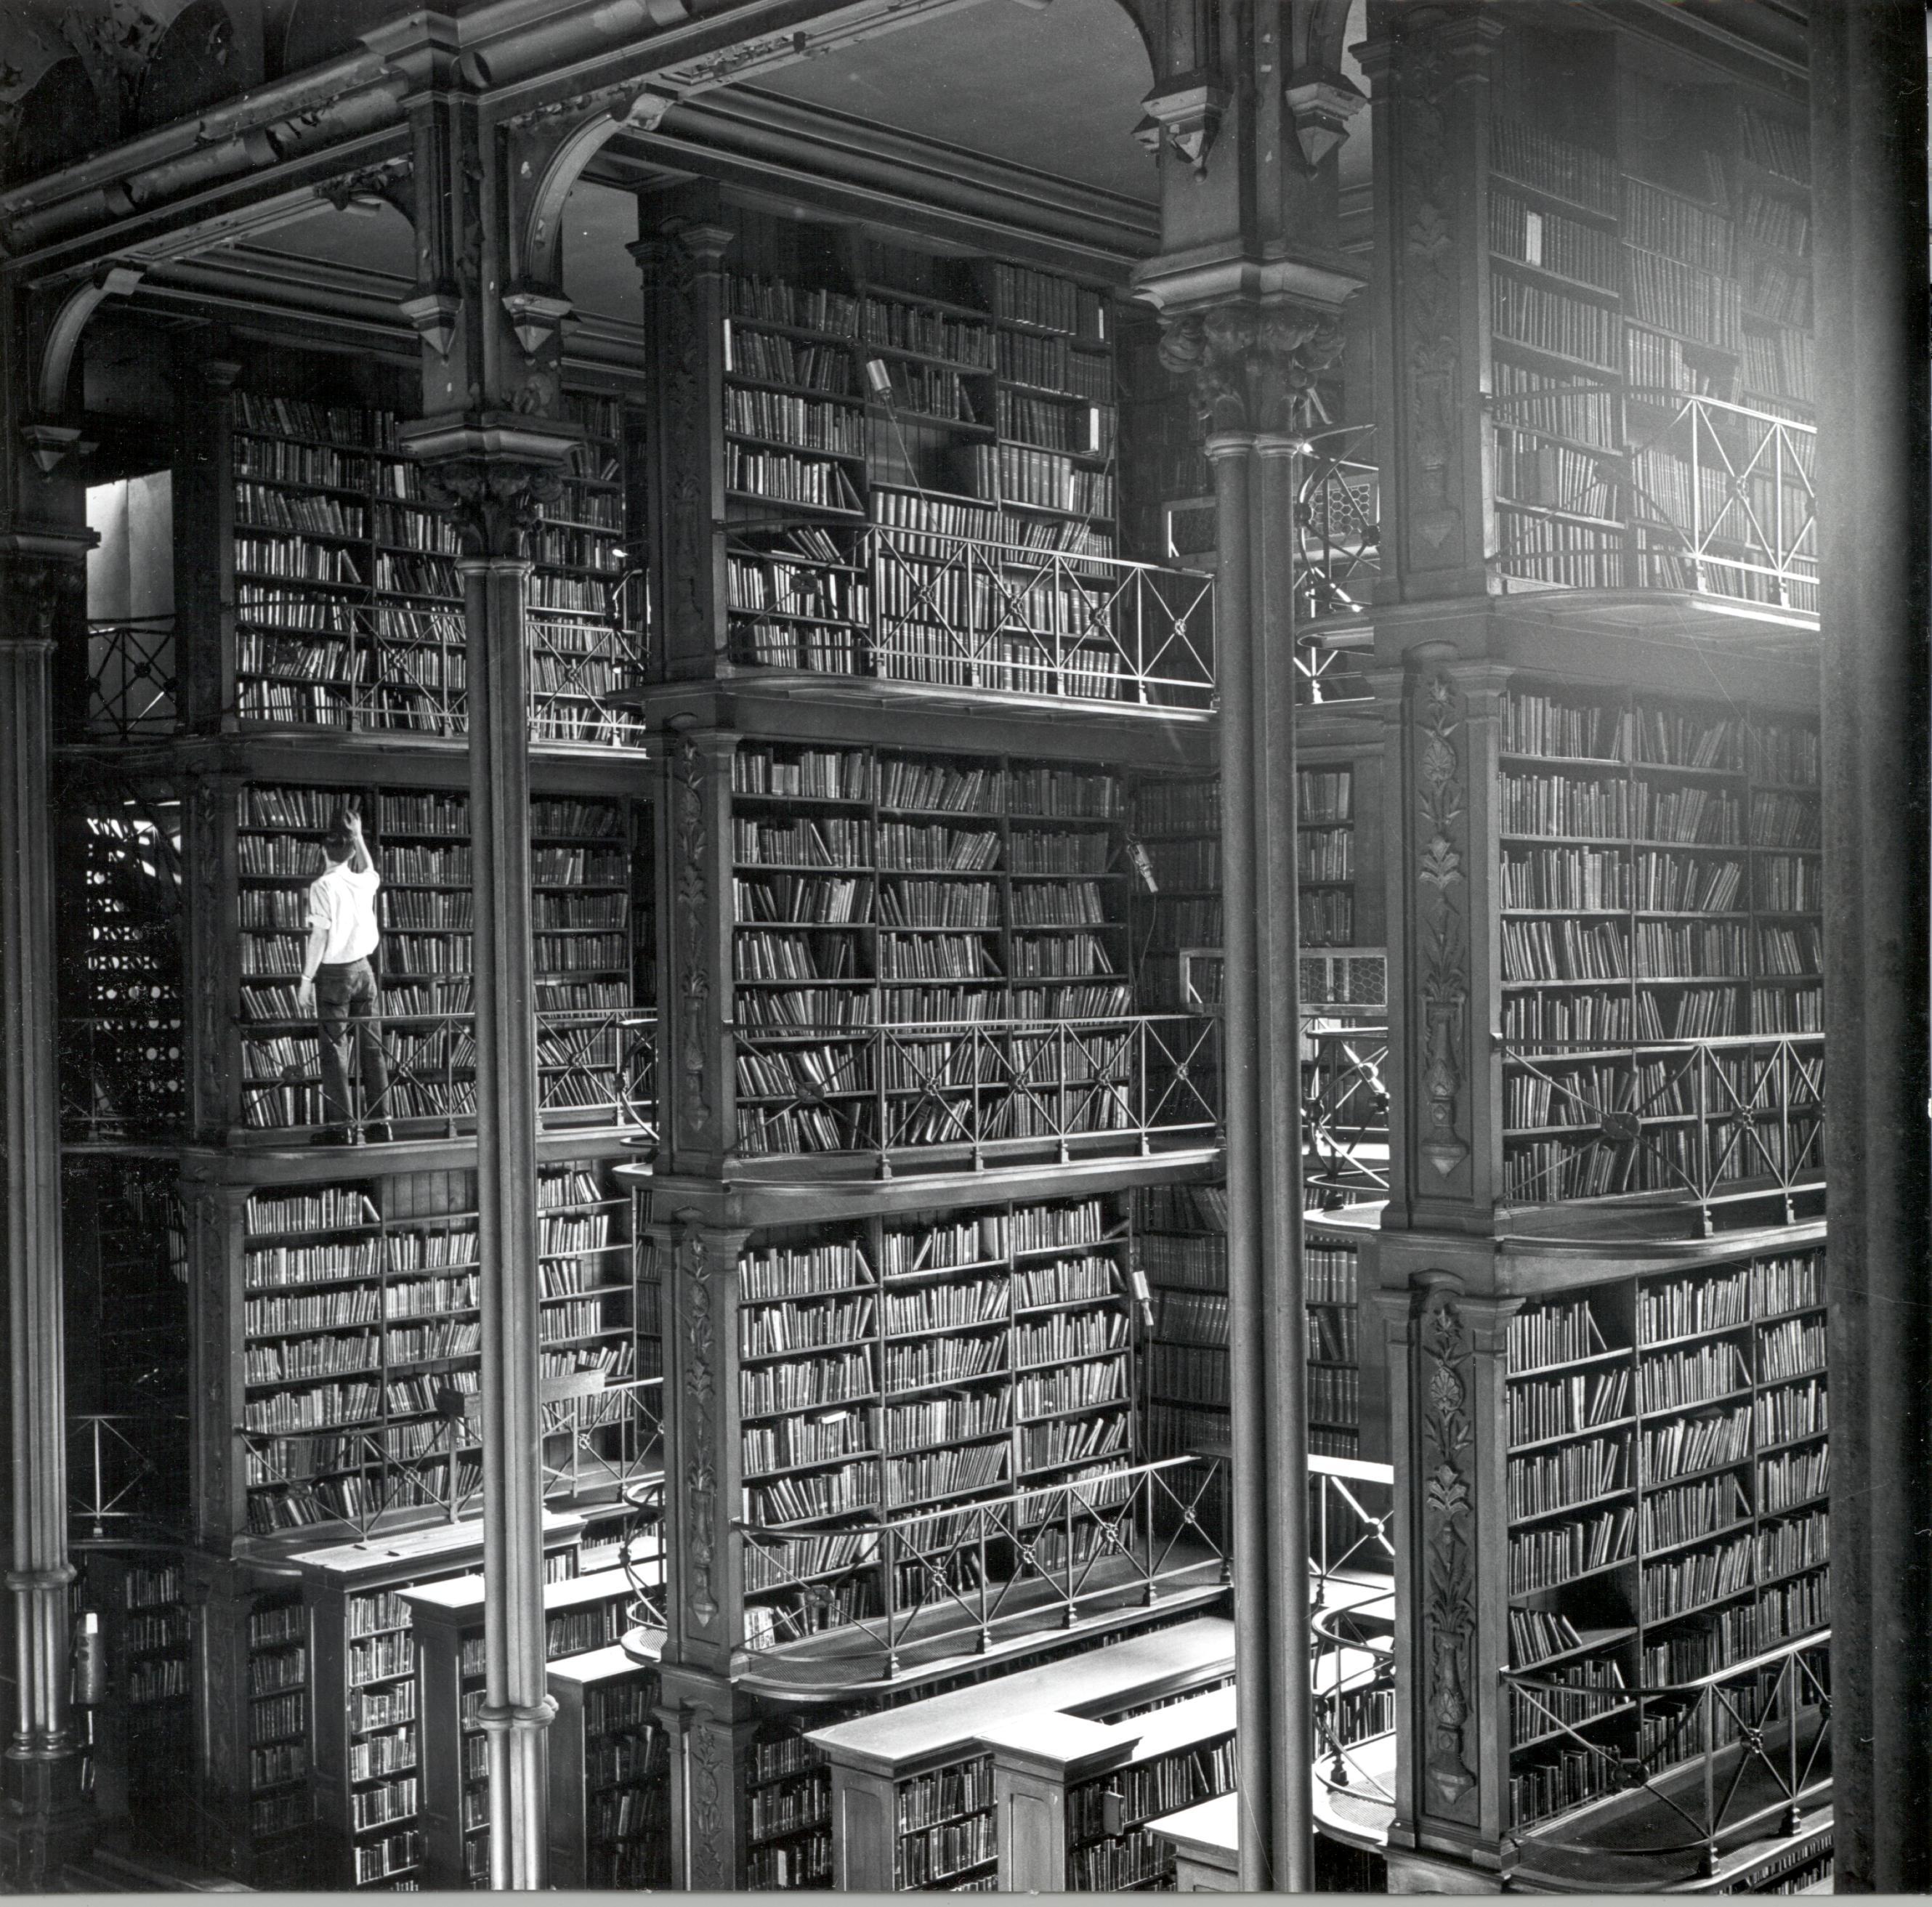 Обществената библиотека на Синсинати е място, излязло сякаш от филмите за Хари Потър.